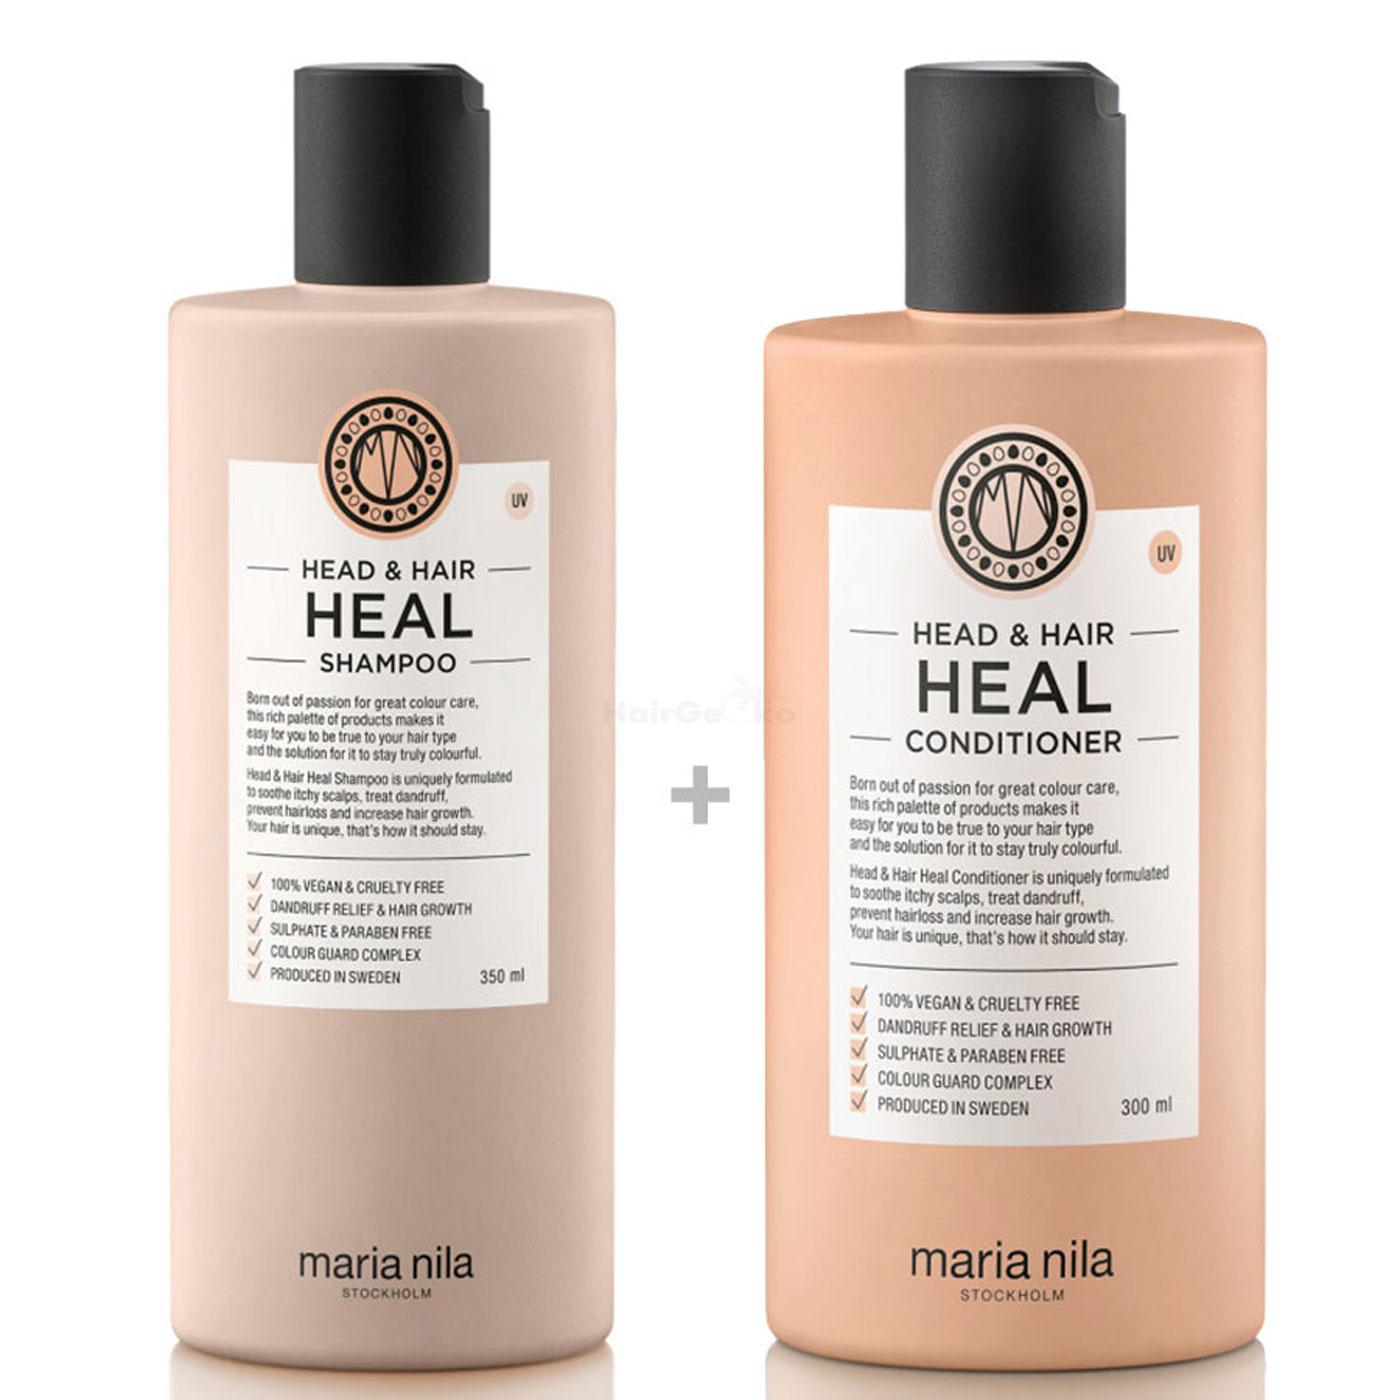 Maria Nila Head & Hair Heal Set - Shampoo 350 ml + Conditioner 300 ml